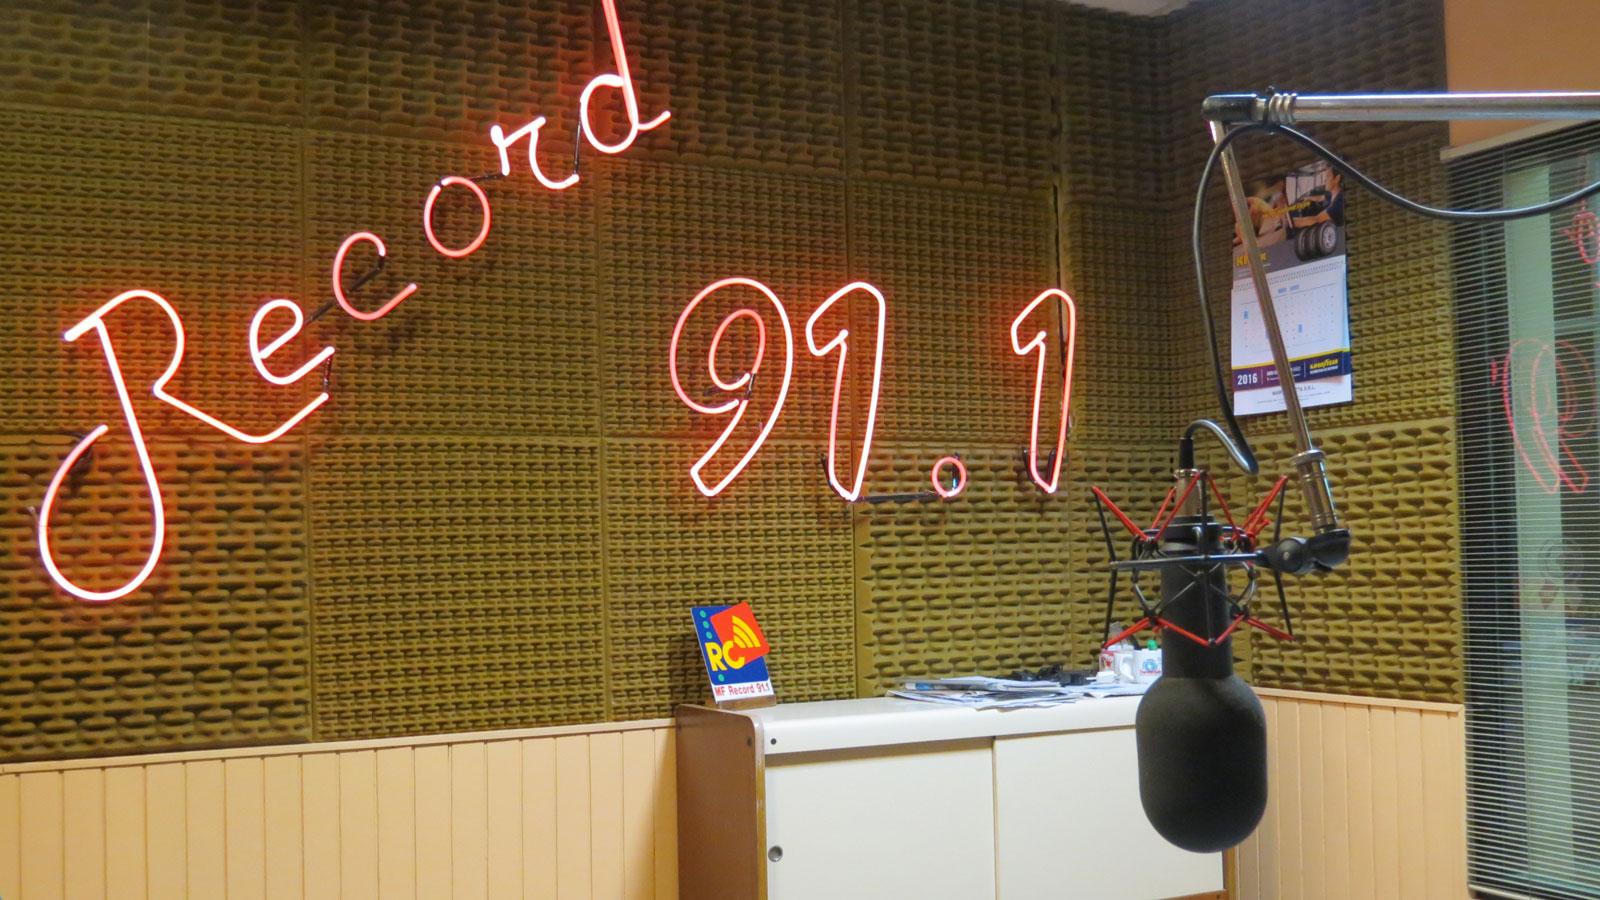 El estudio de Radio Casilda tendrá nuevas propuestas.